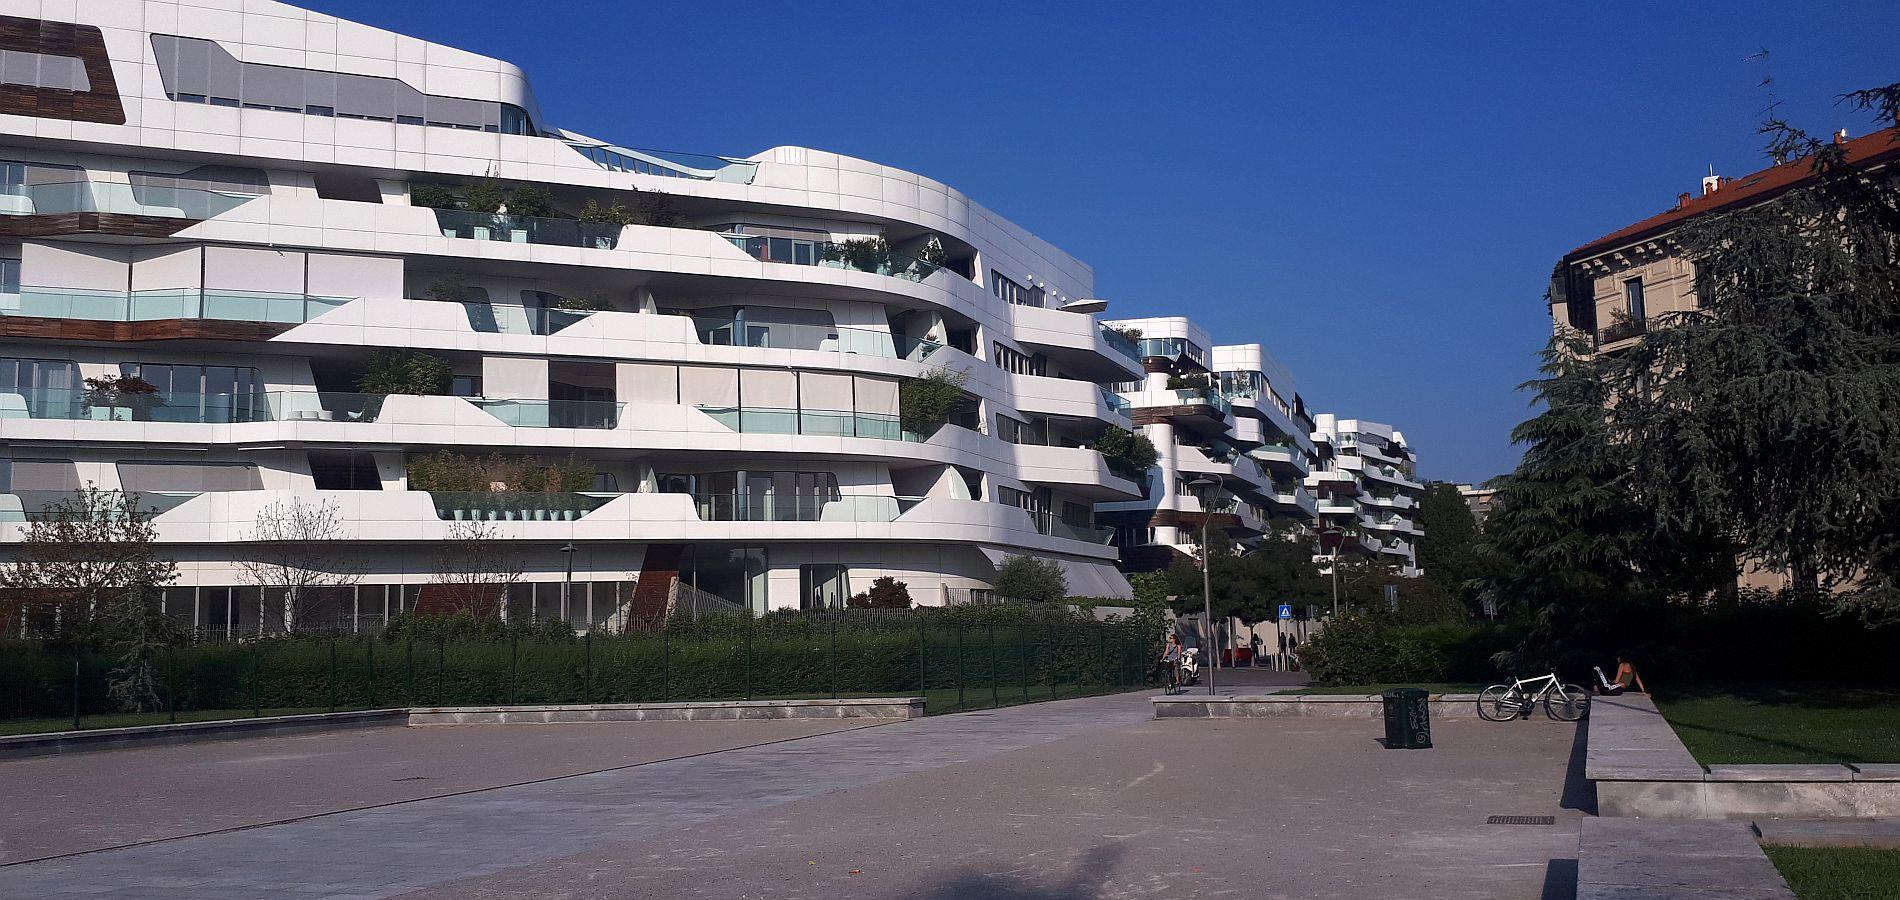 Immobiliare Sant Andrea Concorezzo home page